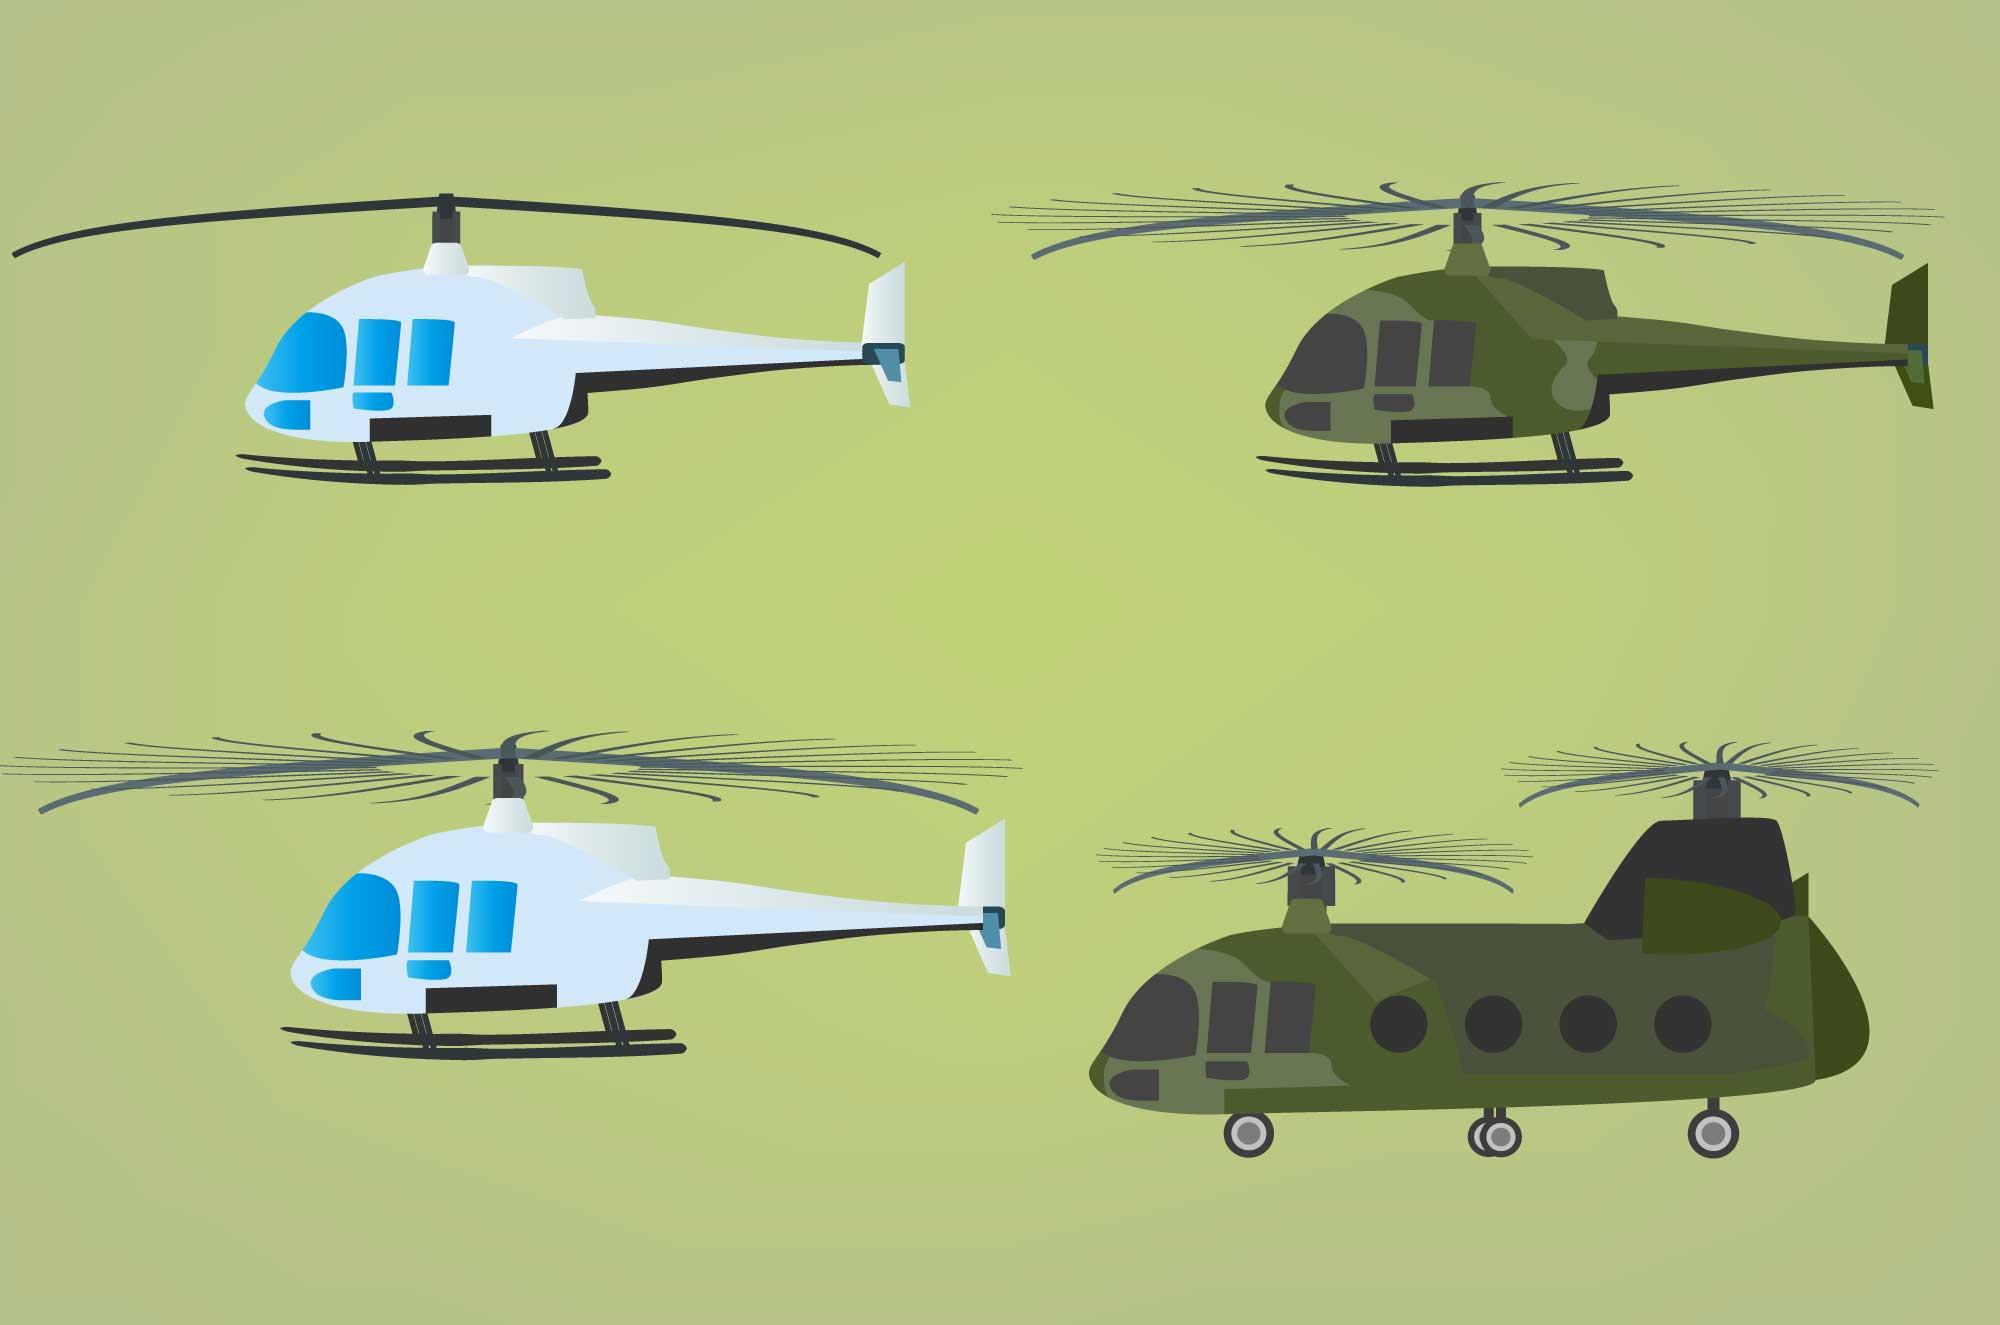 ヘリコプターの無料イラスト - 空の乗り物フリー素材